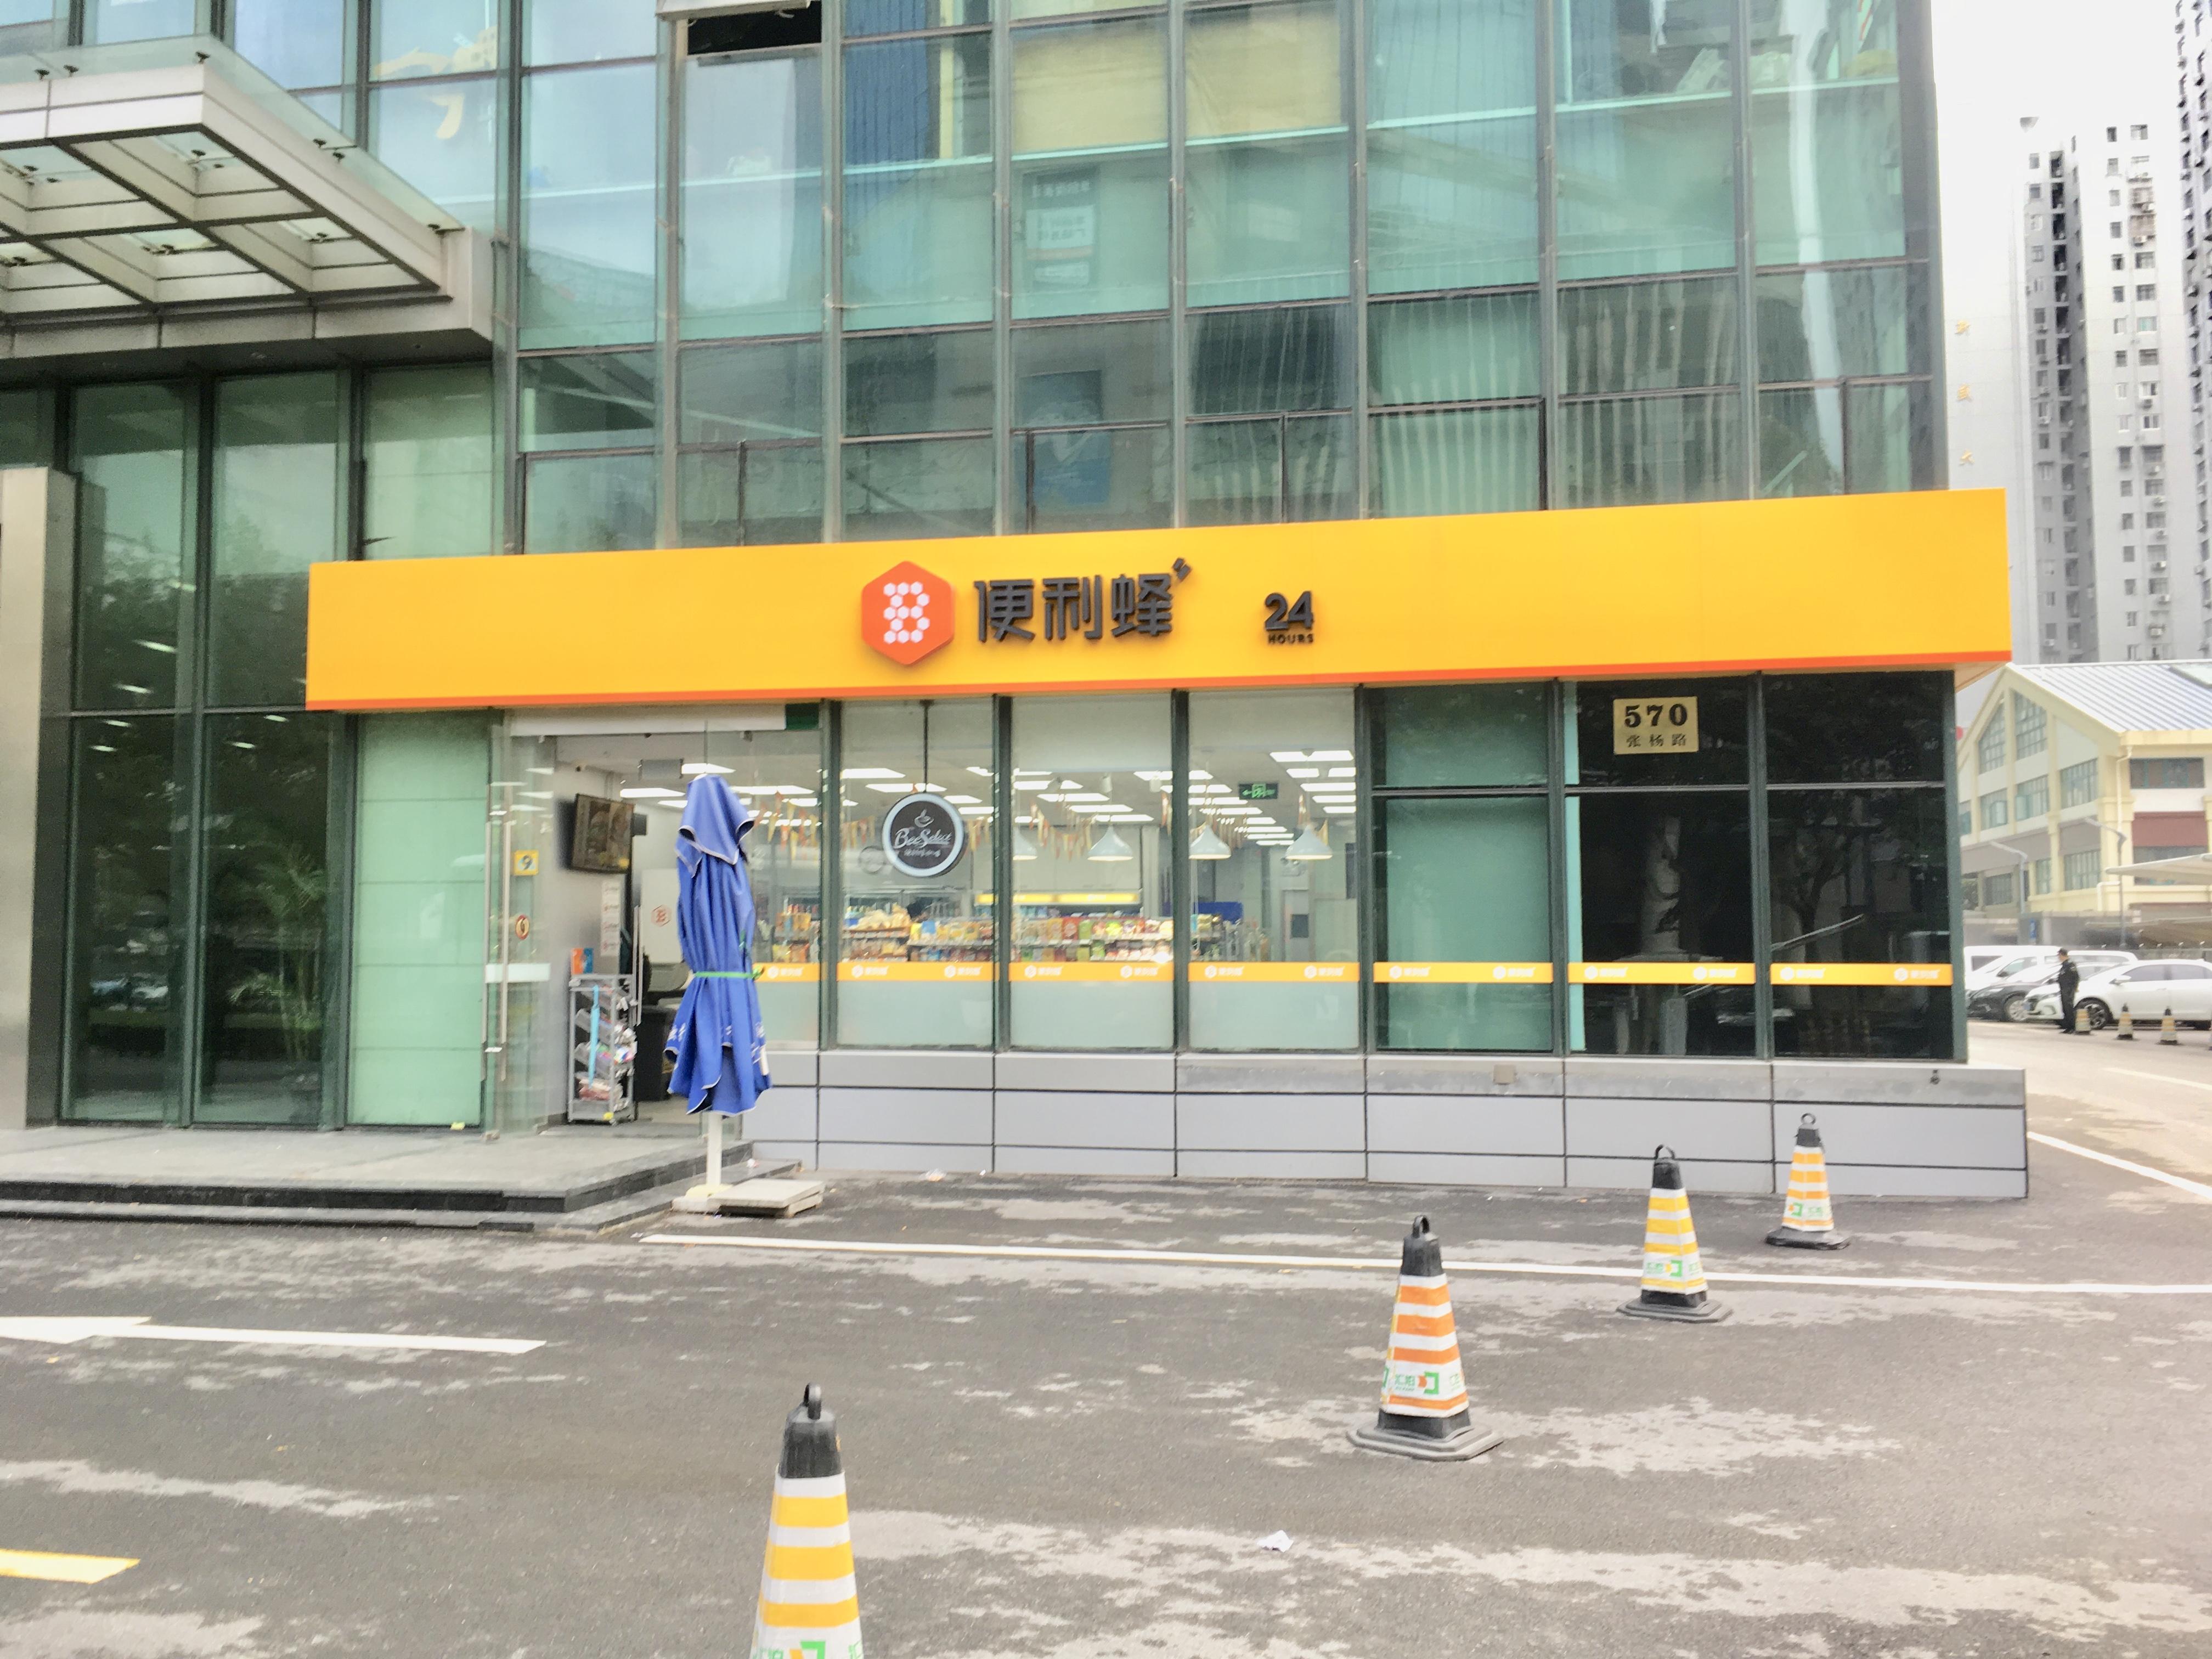 上海で新生コンビニ便利蜂登場